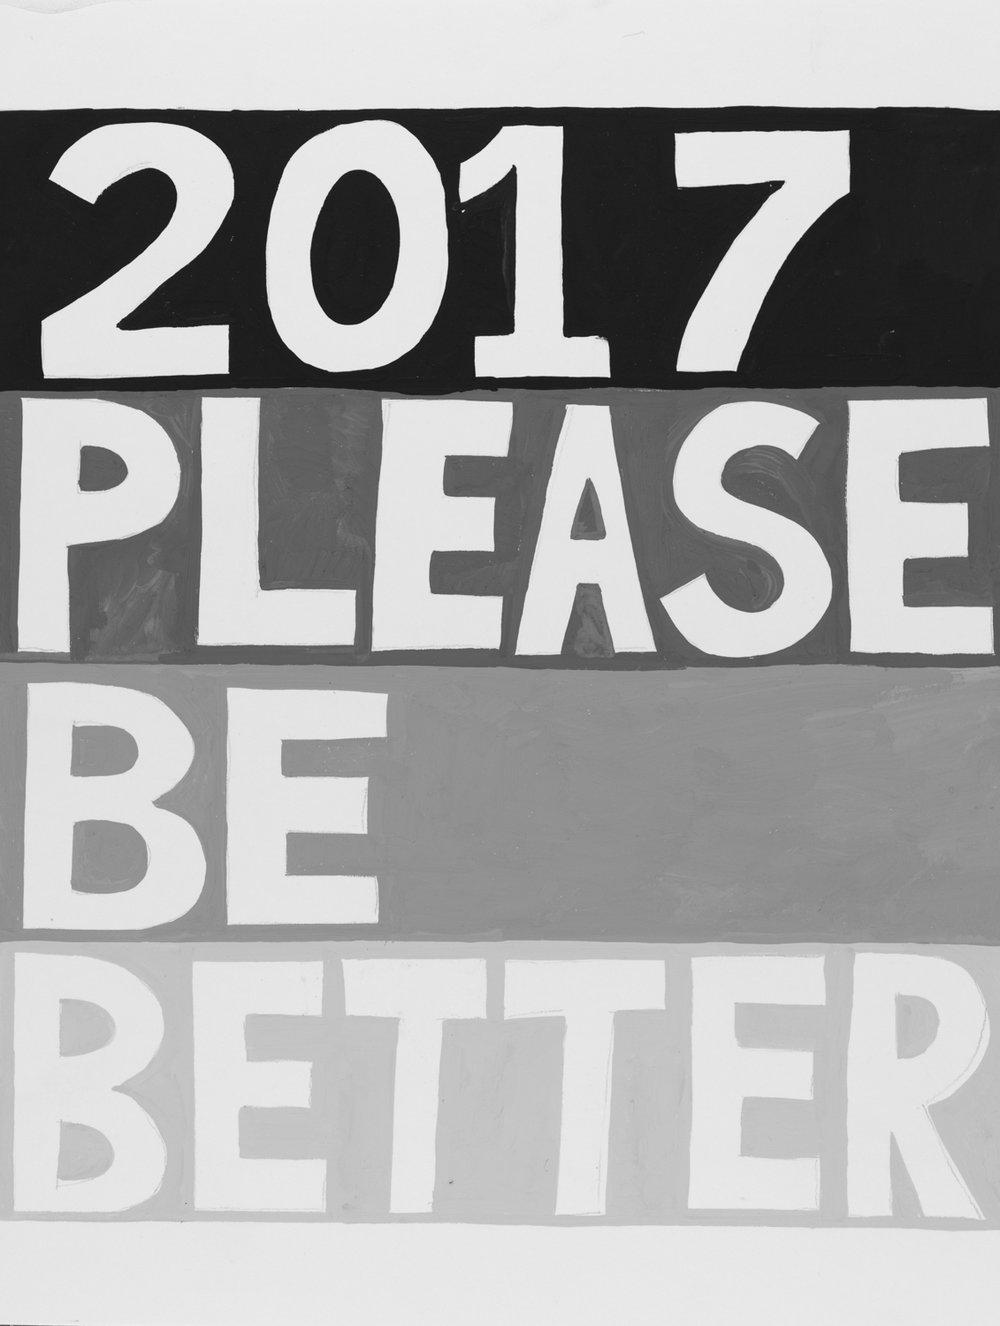 2017pleasebebetter.jpg